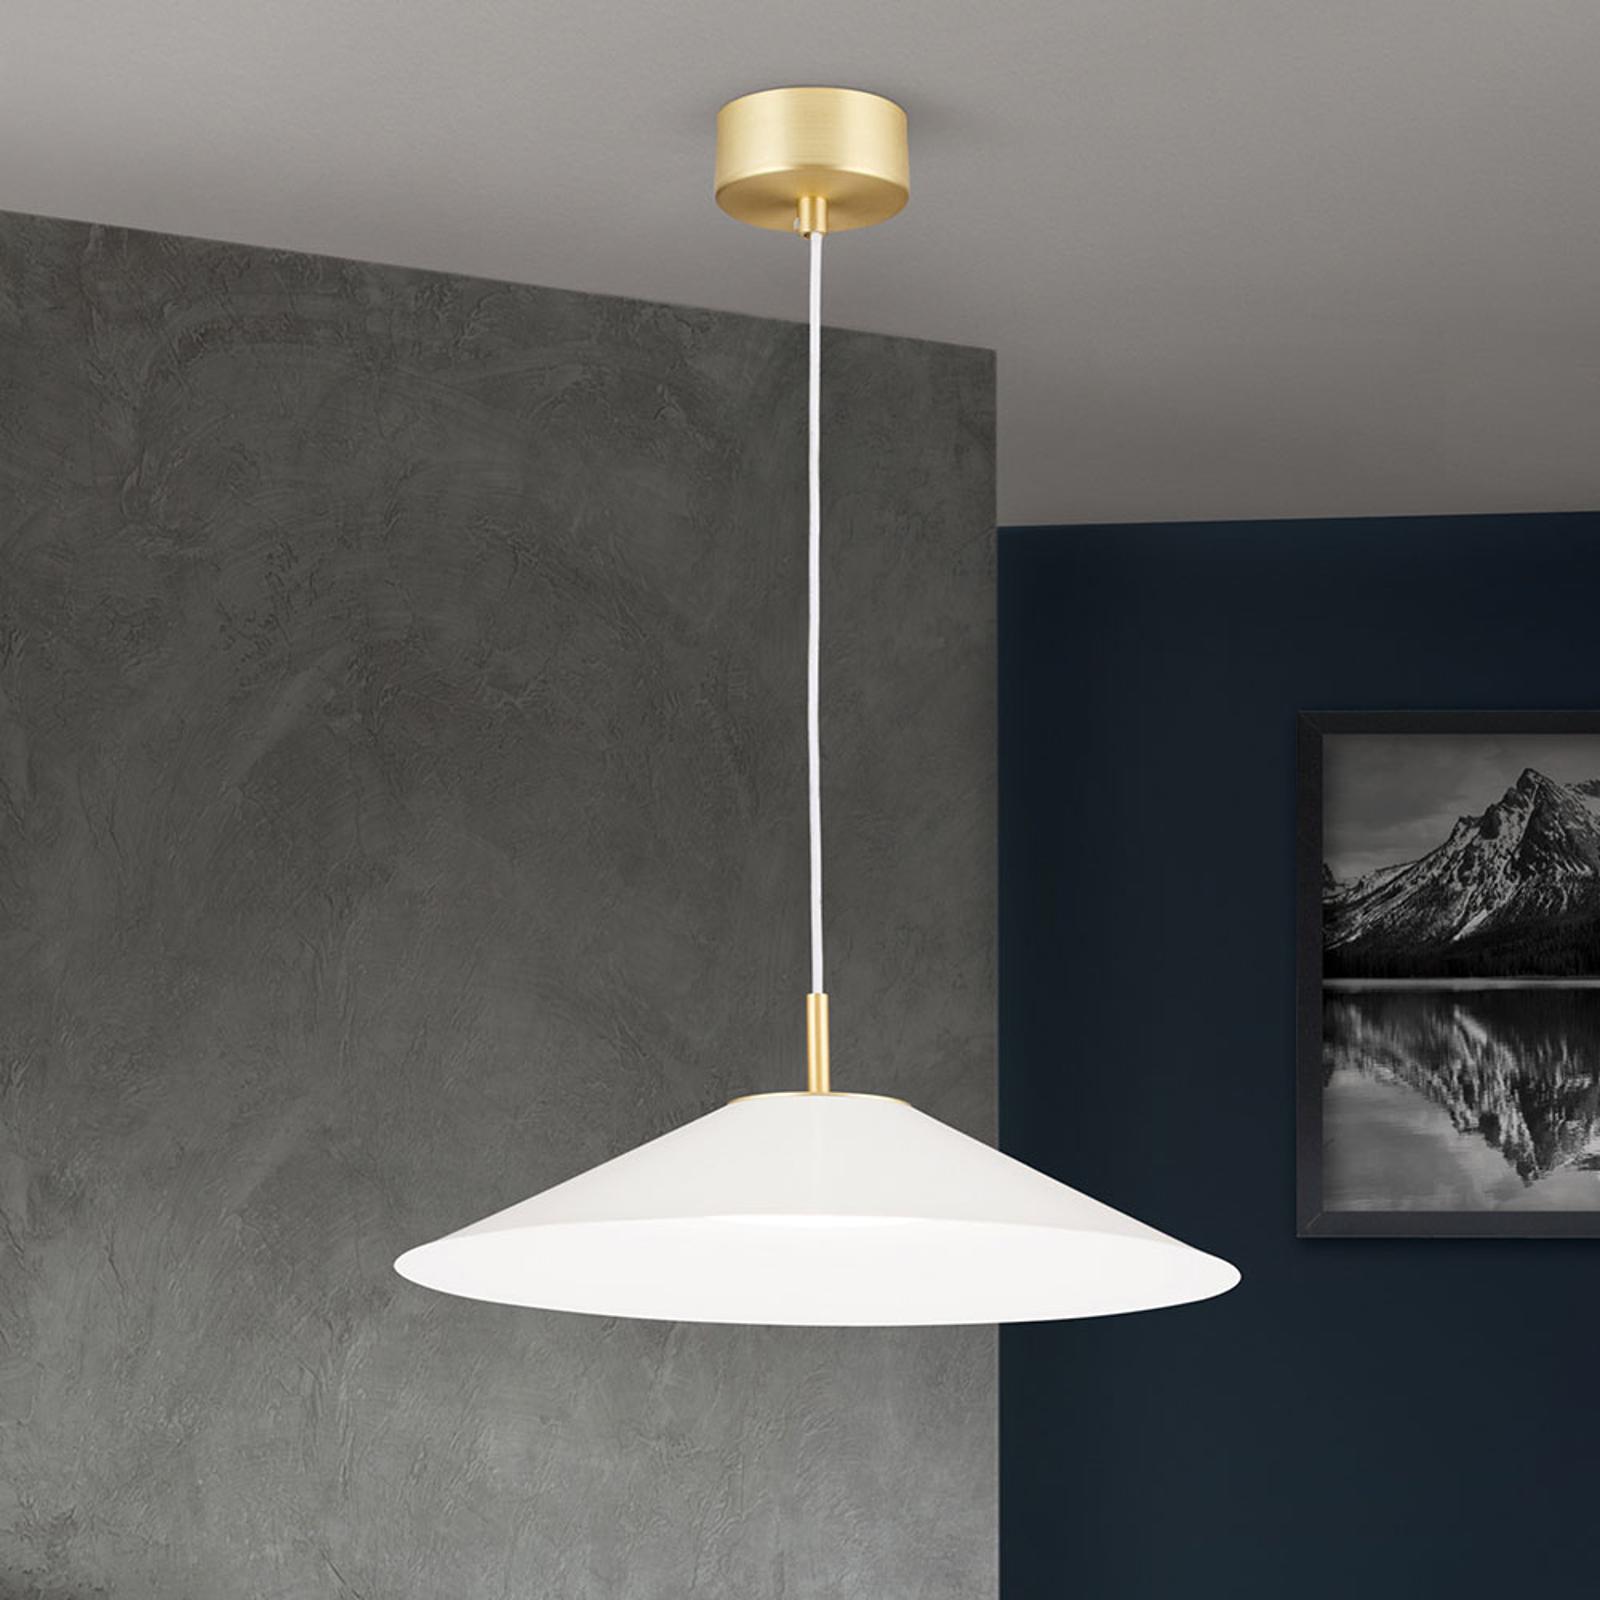 LED-riippuvalaisin Gourmet, valkoinen varjostin